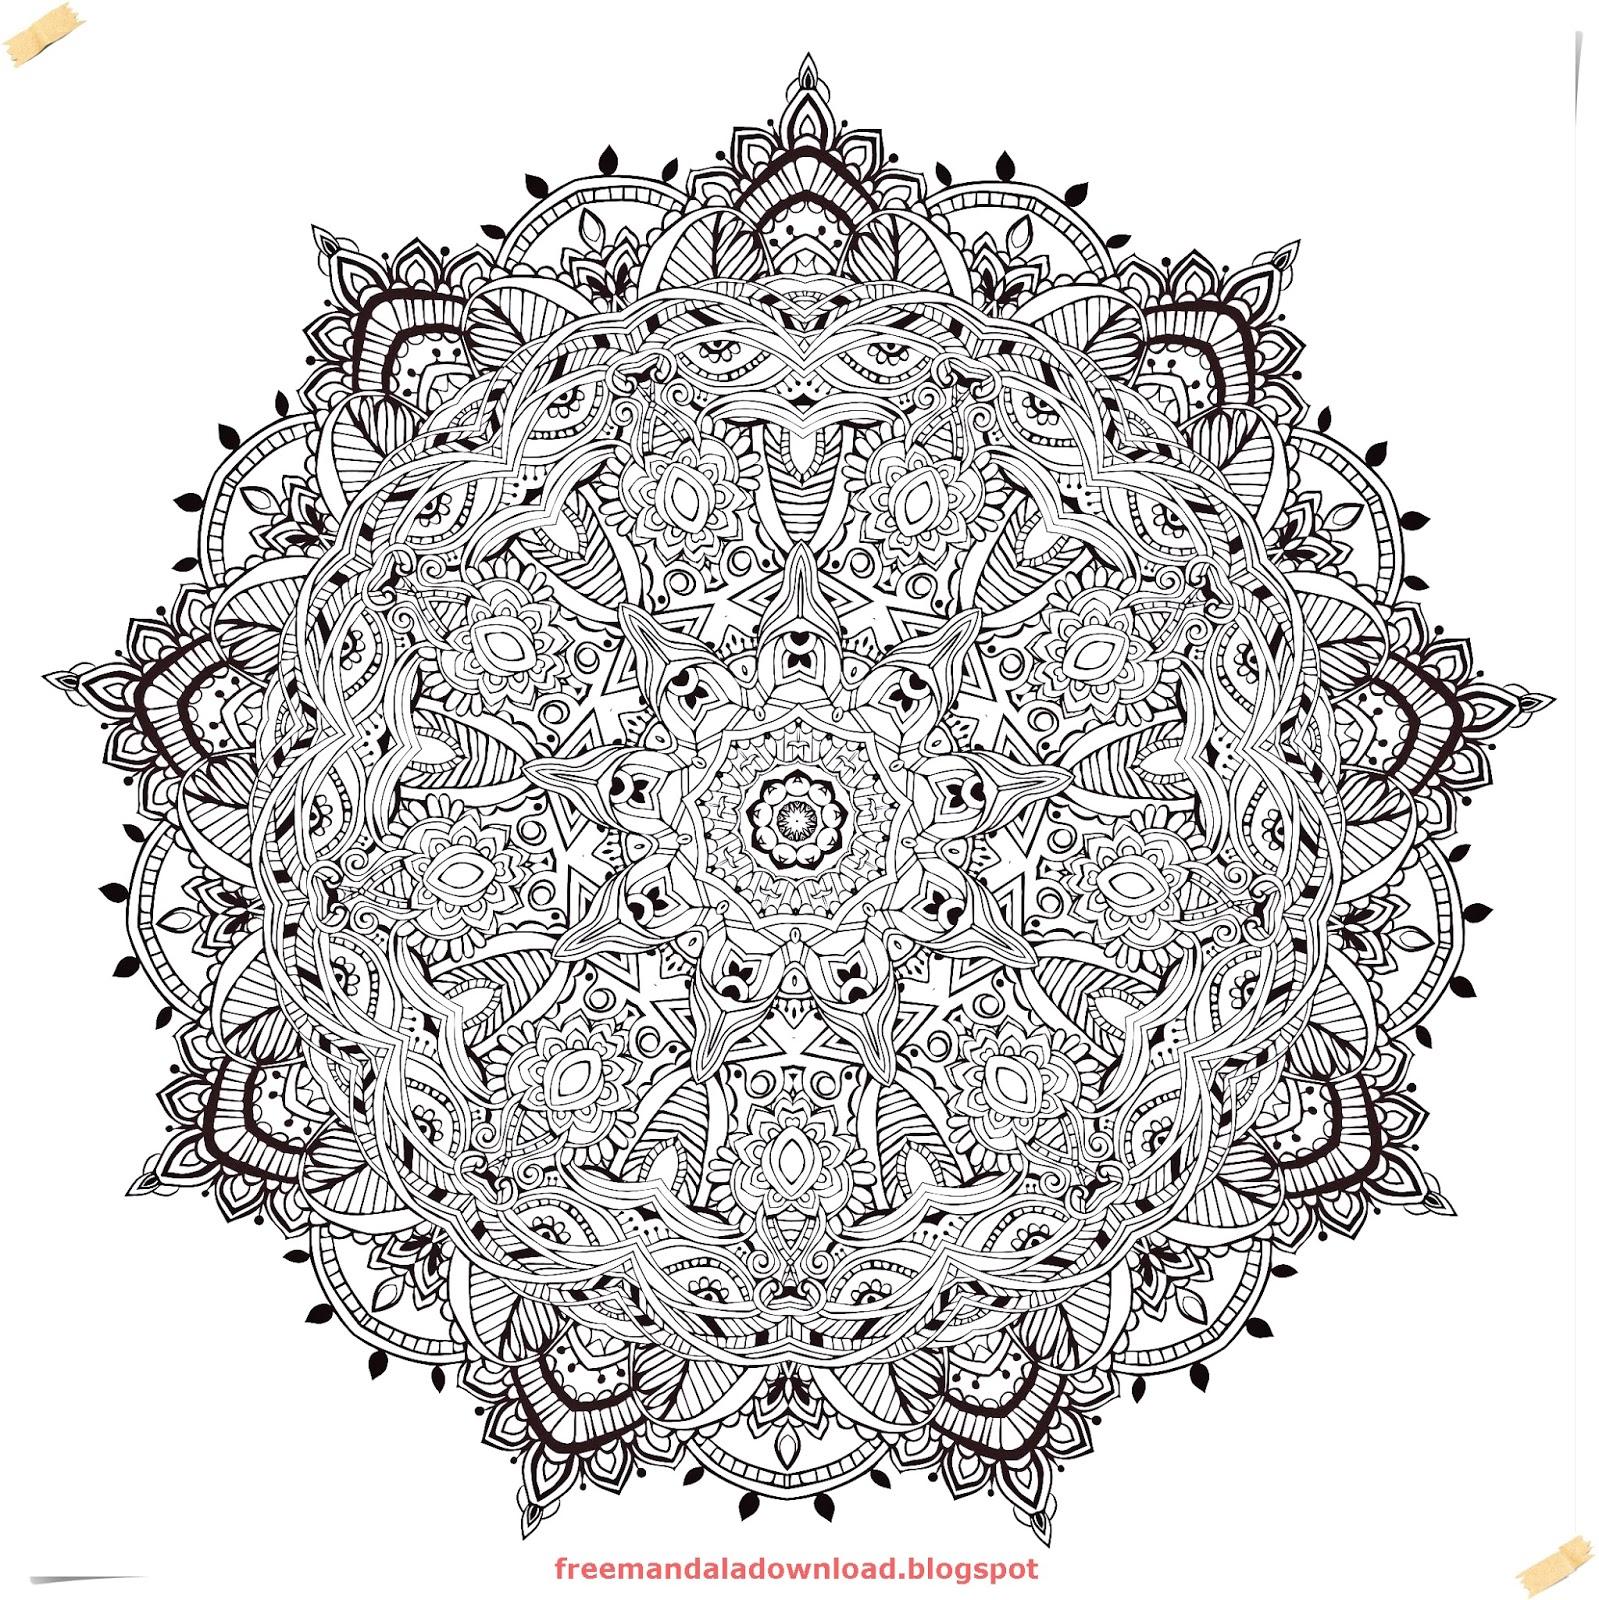 Schön Komplizierte Mandalas Malvorlagen Fotos - Ideen fortsetzen ...